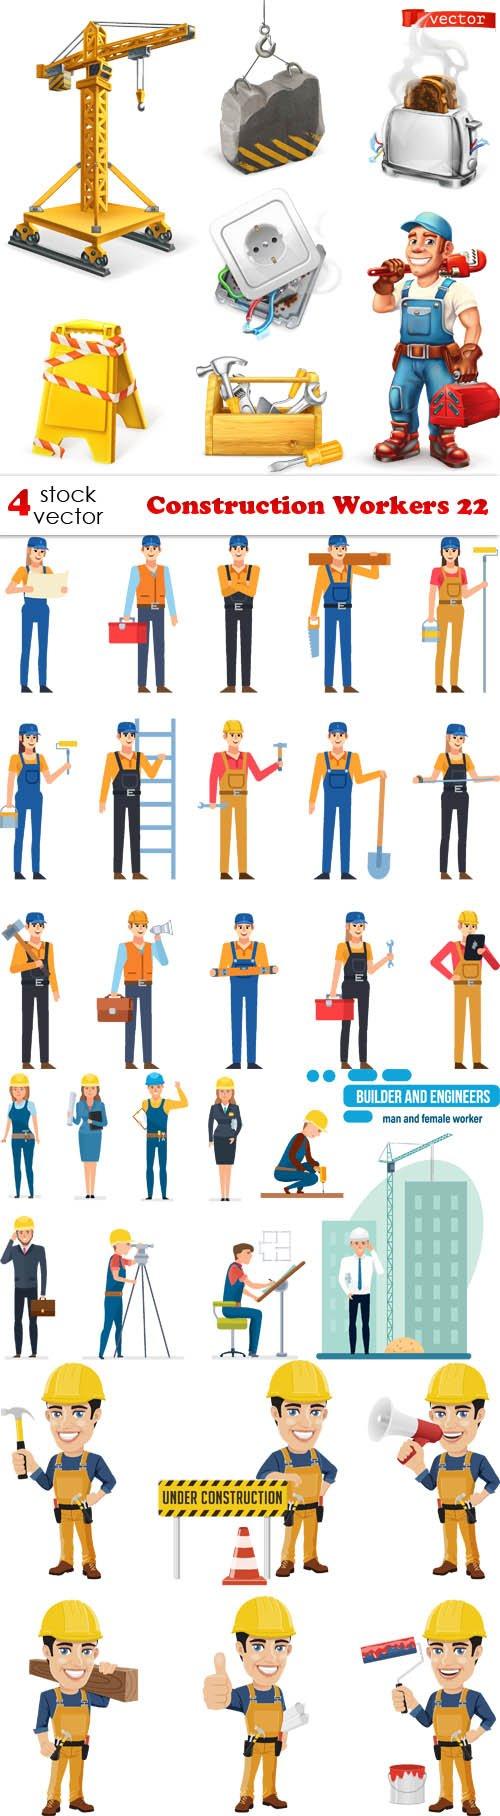 Vectors - Construction Workers 22